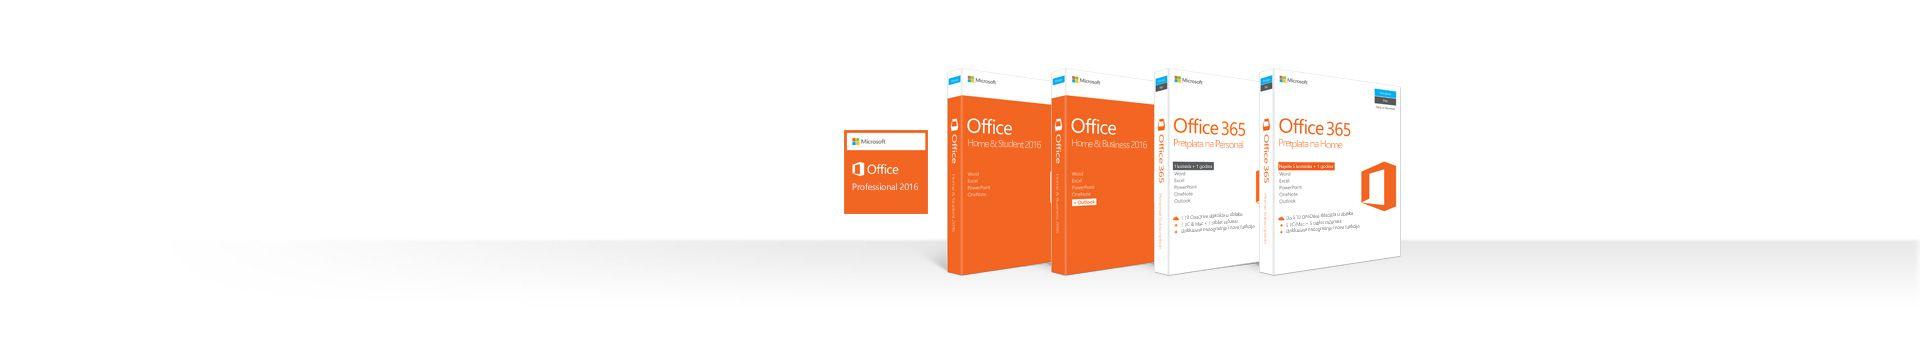 Red polja koja predstavljaju pretplatu na Office i samostalne proizvode za PC računar